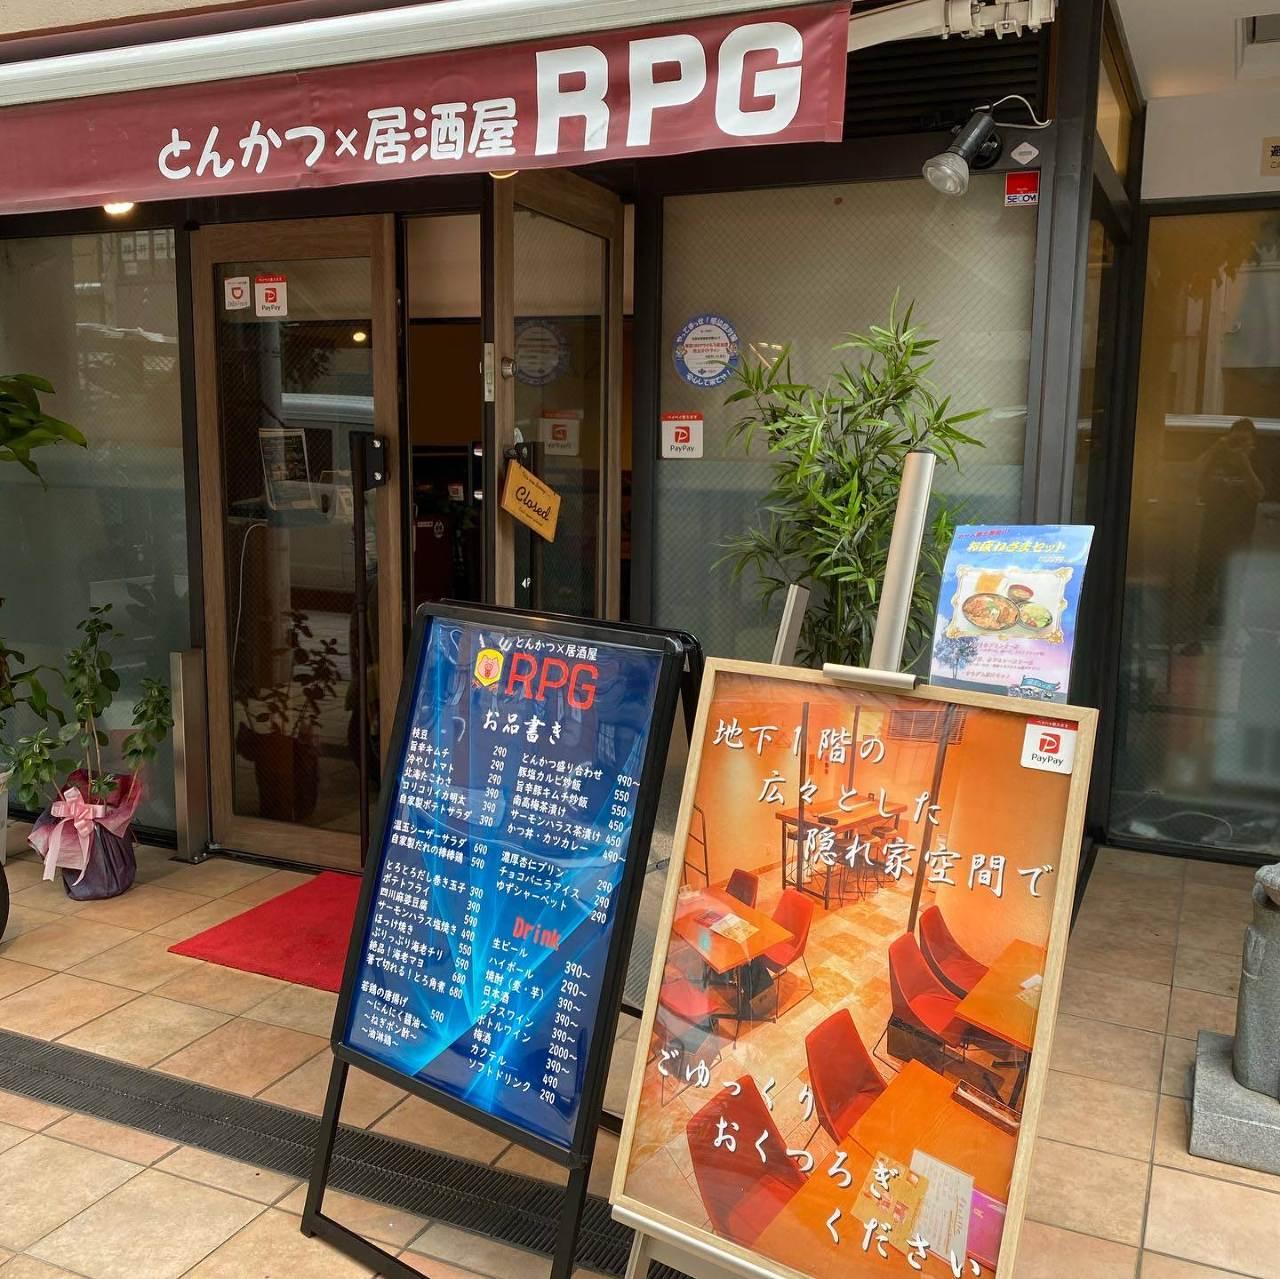 とんかつ×居酒屋 RPG